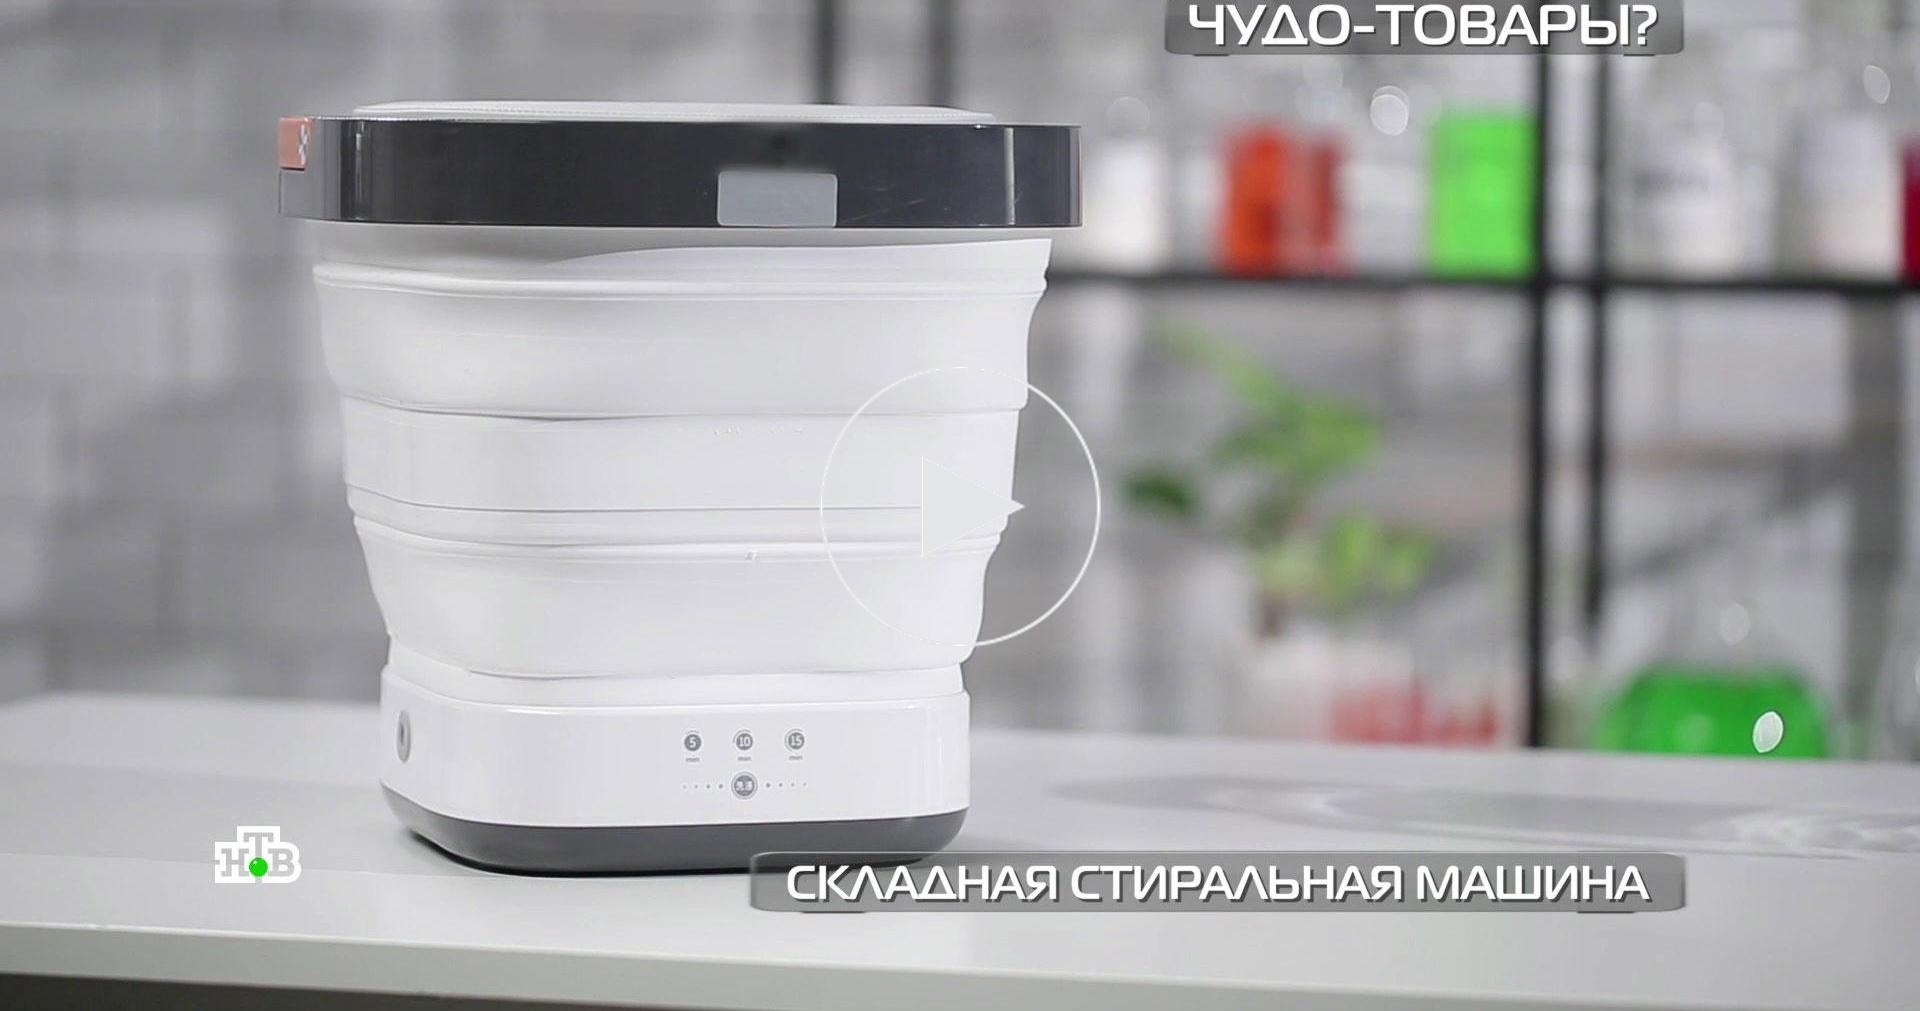 Очки для водителей, складная стиральная машина итеплоувлажнитель на батарею